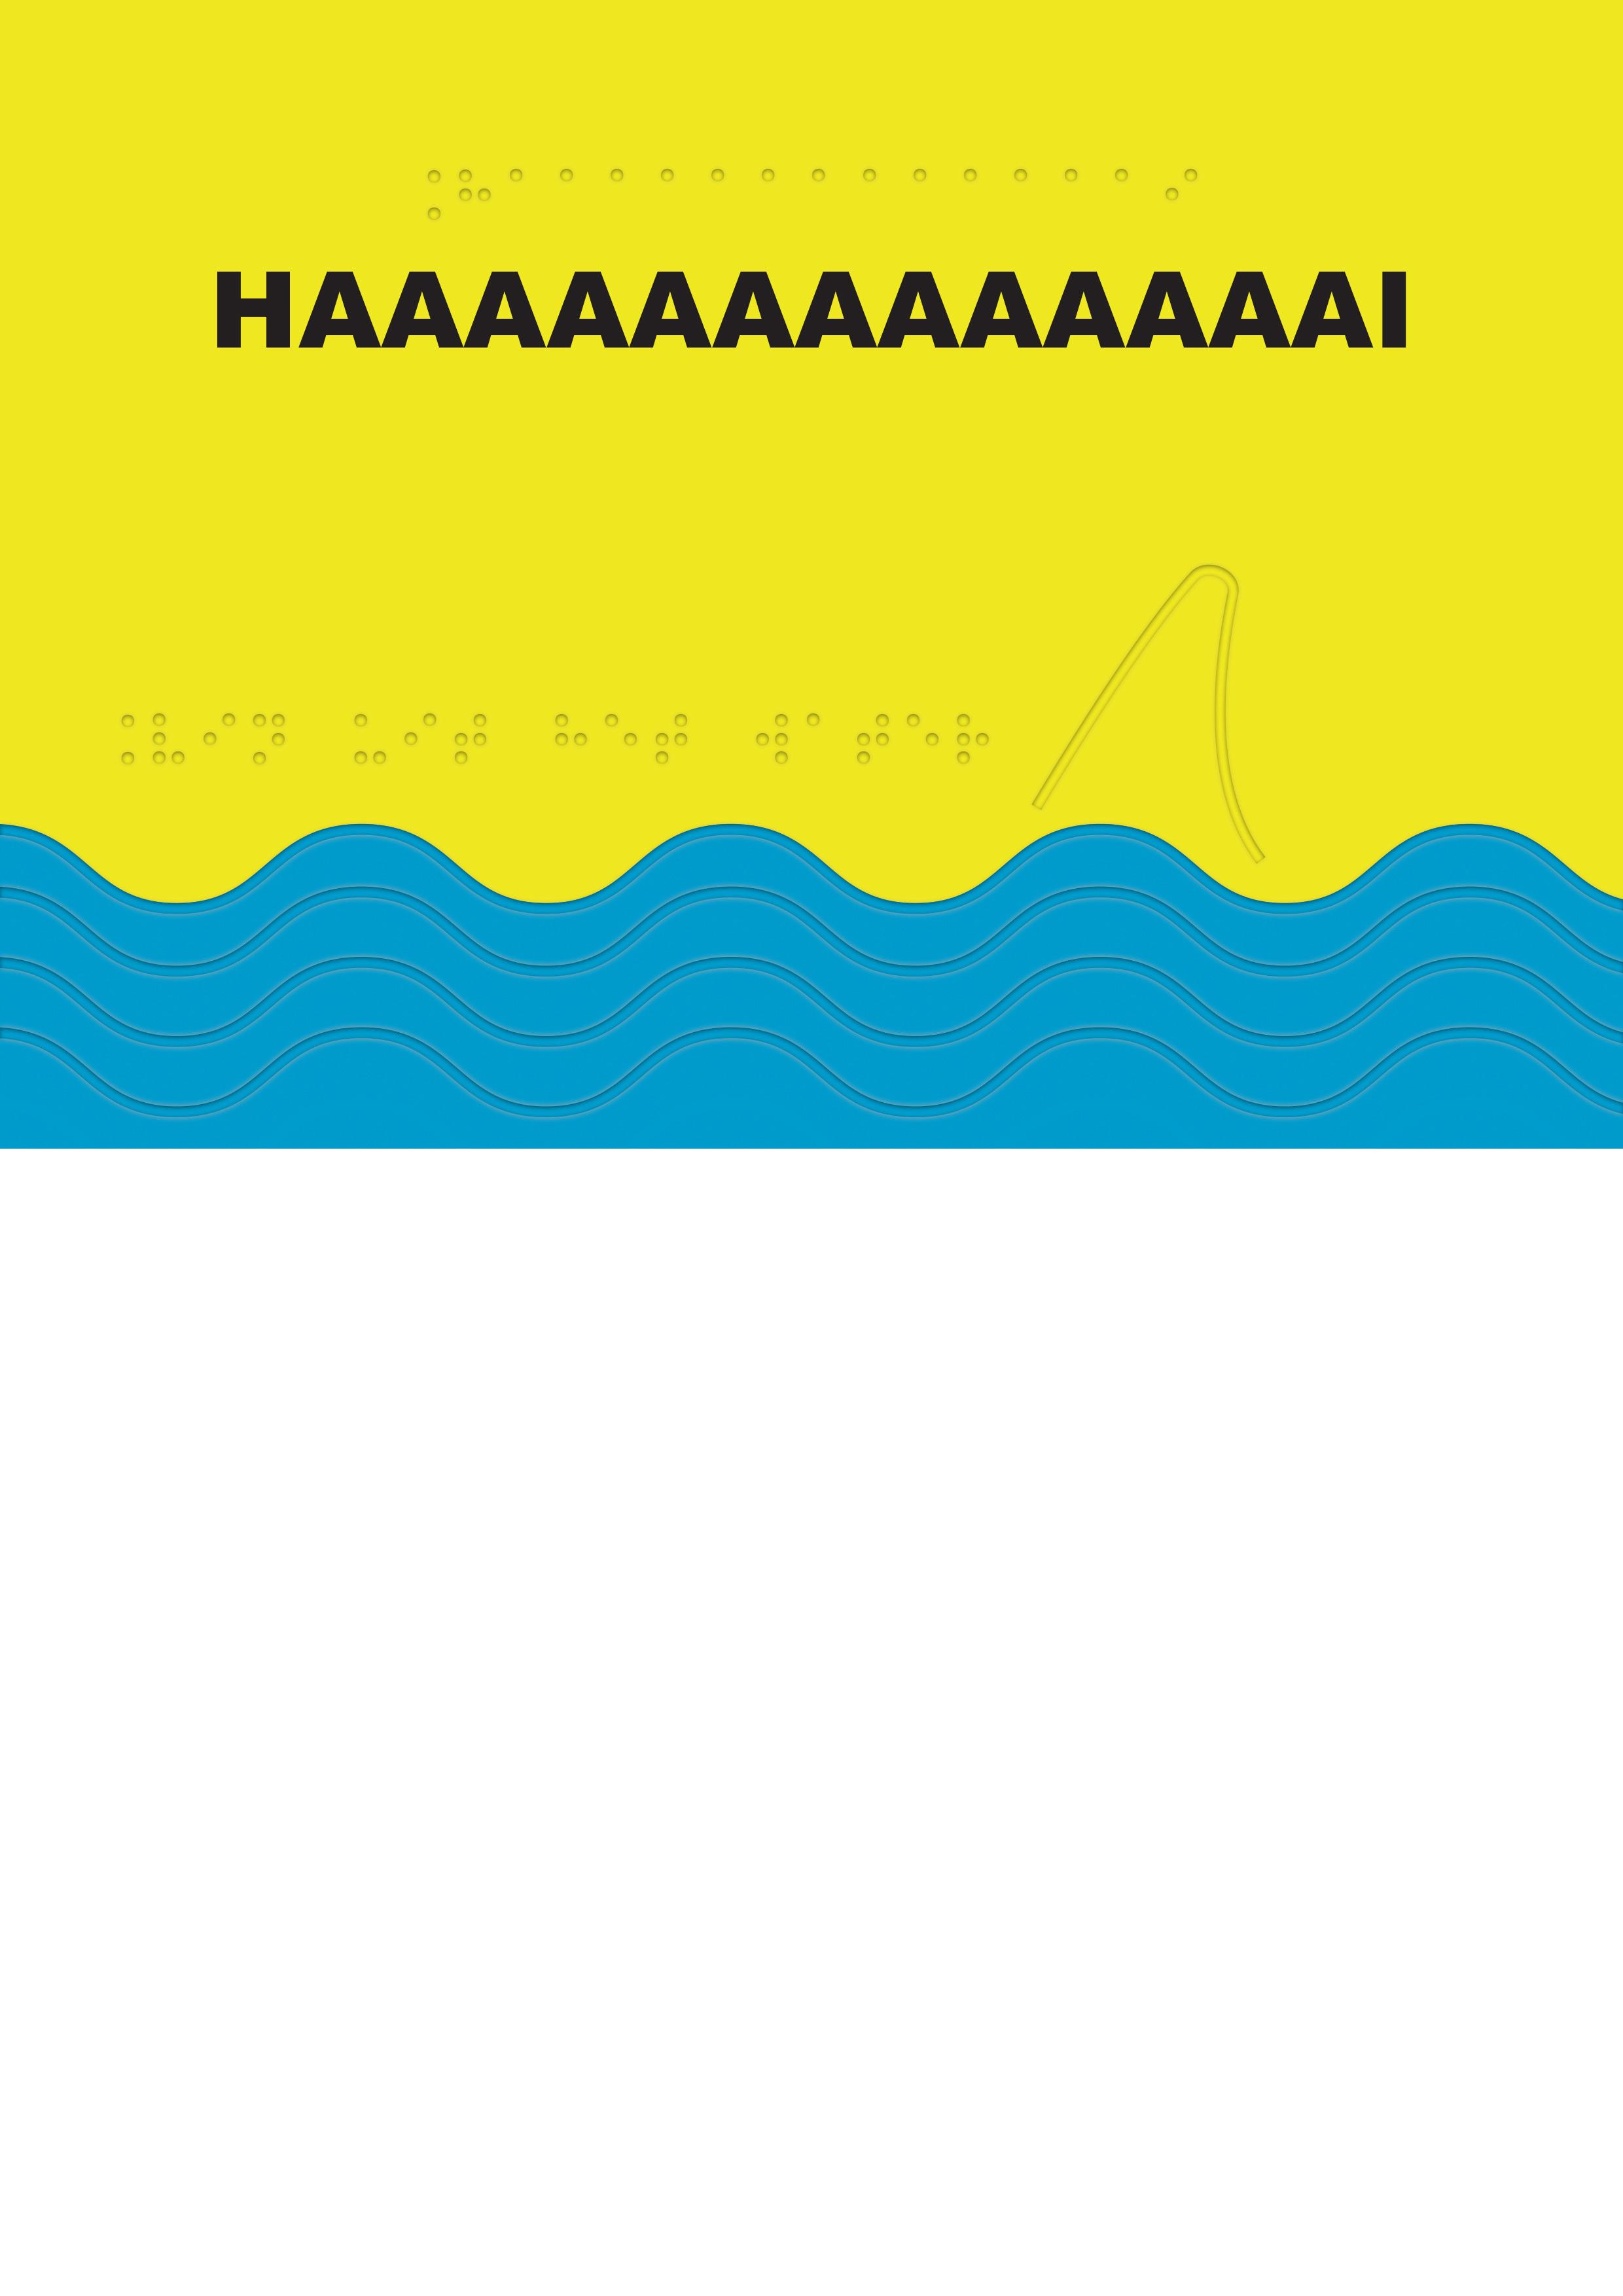 Voelbare wenskaart met braille en reliëf. In braille de tekst: Haaaaaaaaaaaaai. Met een voelbare afbeelding van golven en een haaienvin.